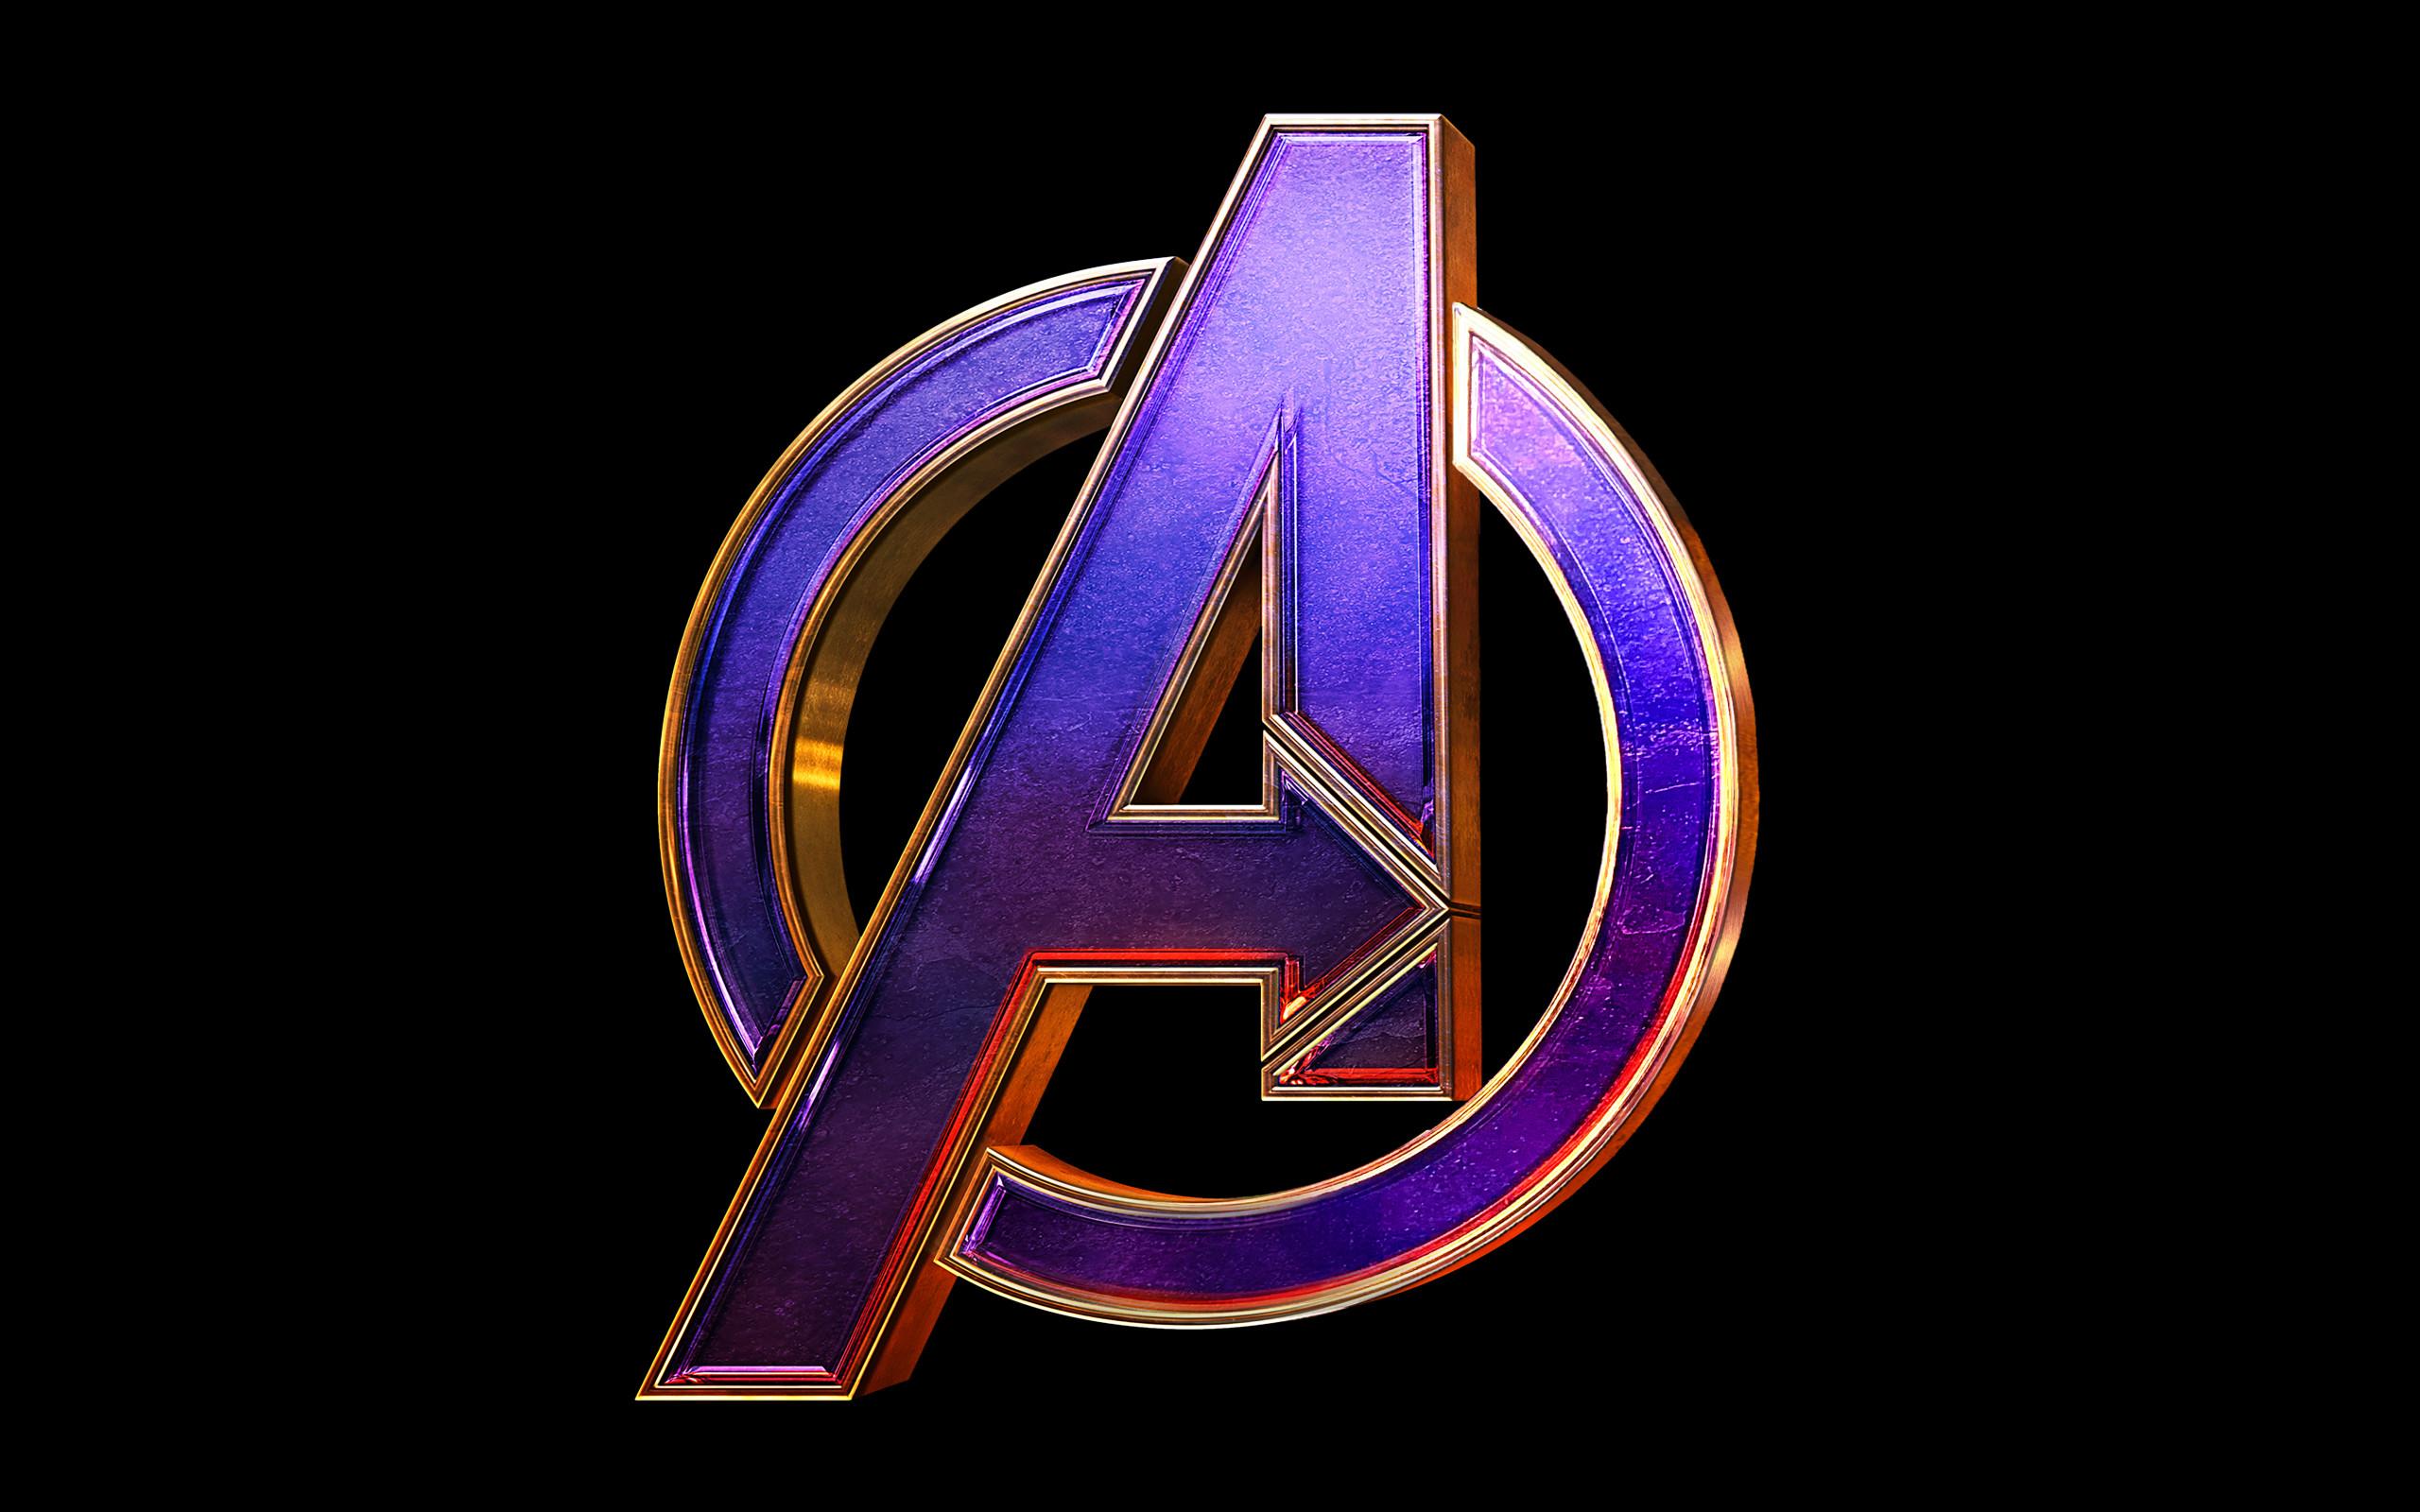 Res: 2560x1600, Wallpaper of Avengers, Avengers EndGame, Logo, Marvel background & HD image